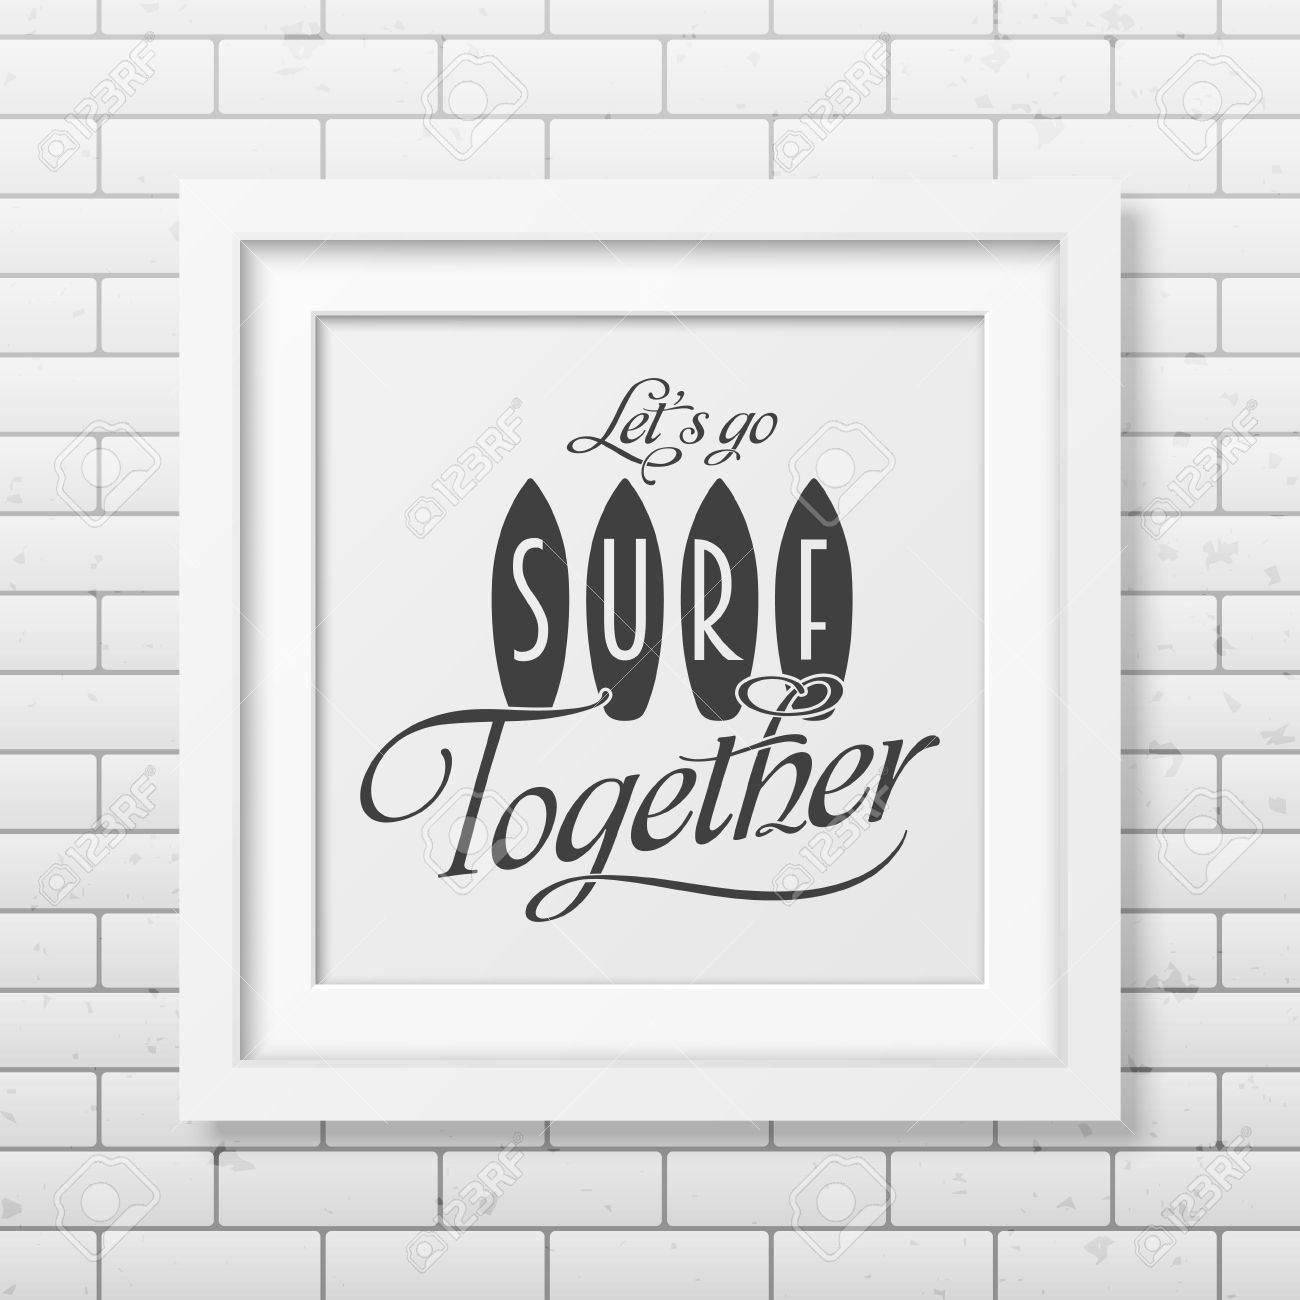 Lets Go Surf Zusammen - Typografische Hintergrund In Realistischen ...